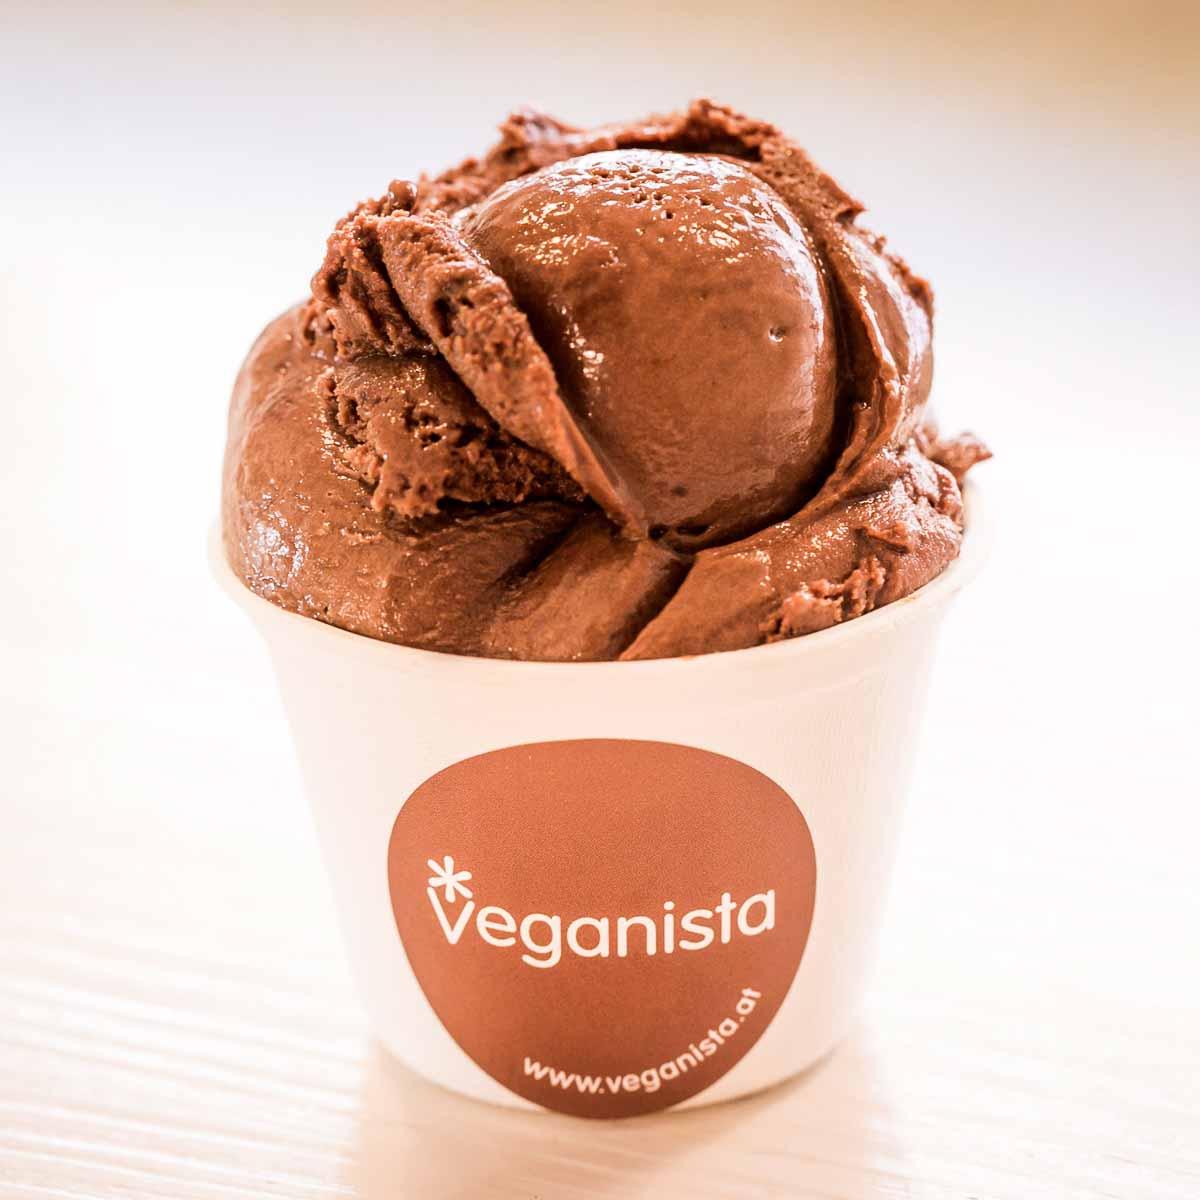 Vegane Eisdiele Veganista in Wien-5